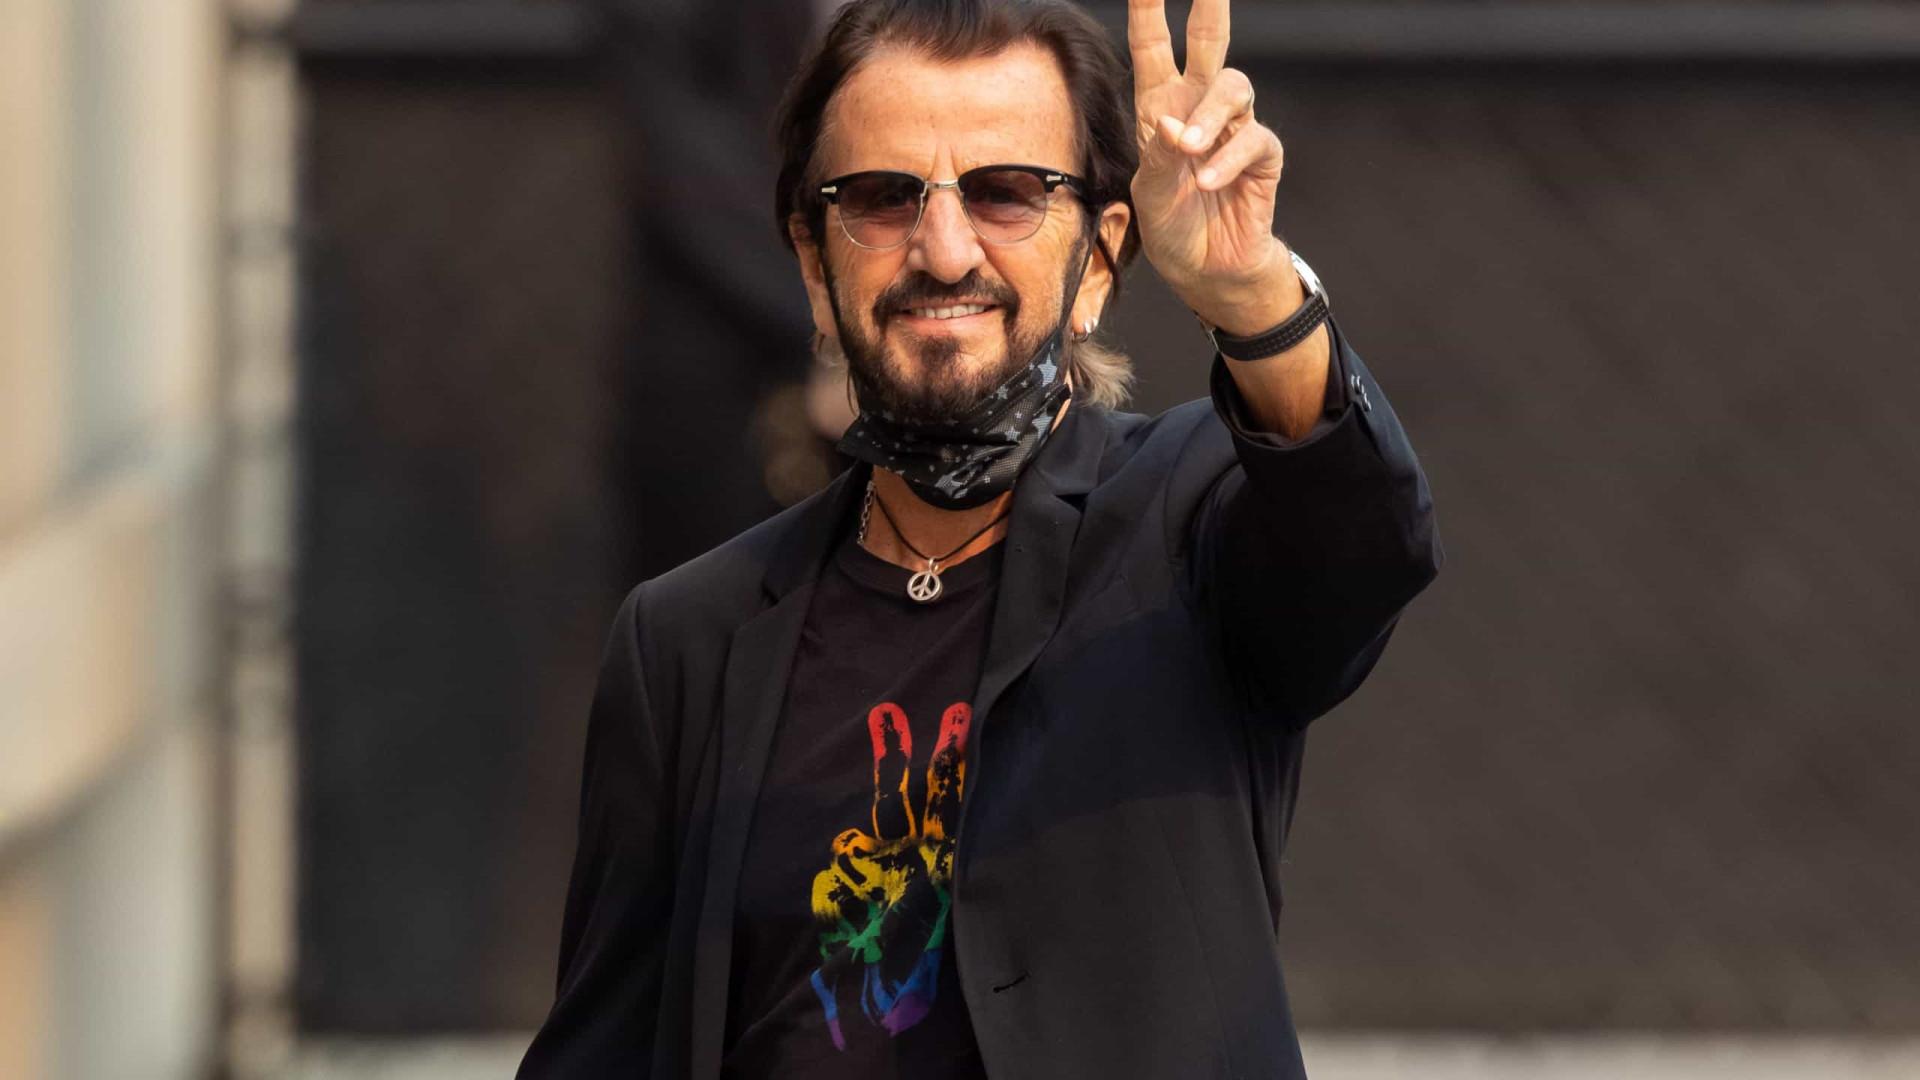 Ringo Starr, que lança EP, recorda Charlie Watts e fala sobre o fim dos Beatles